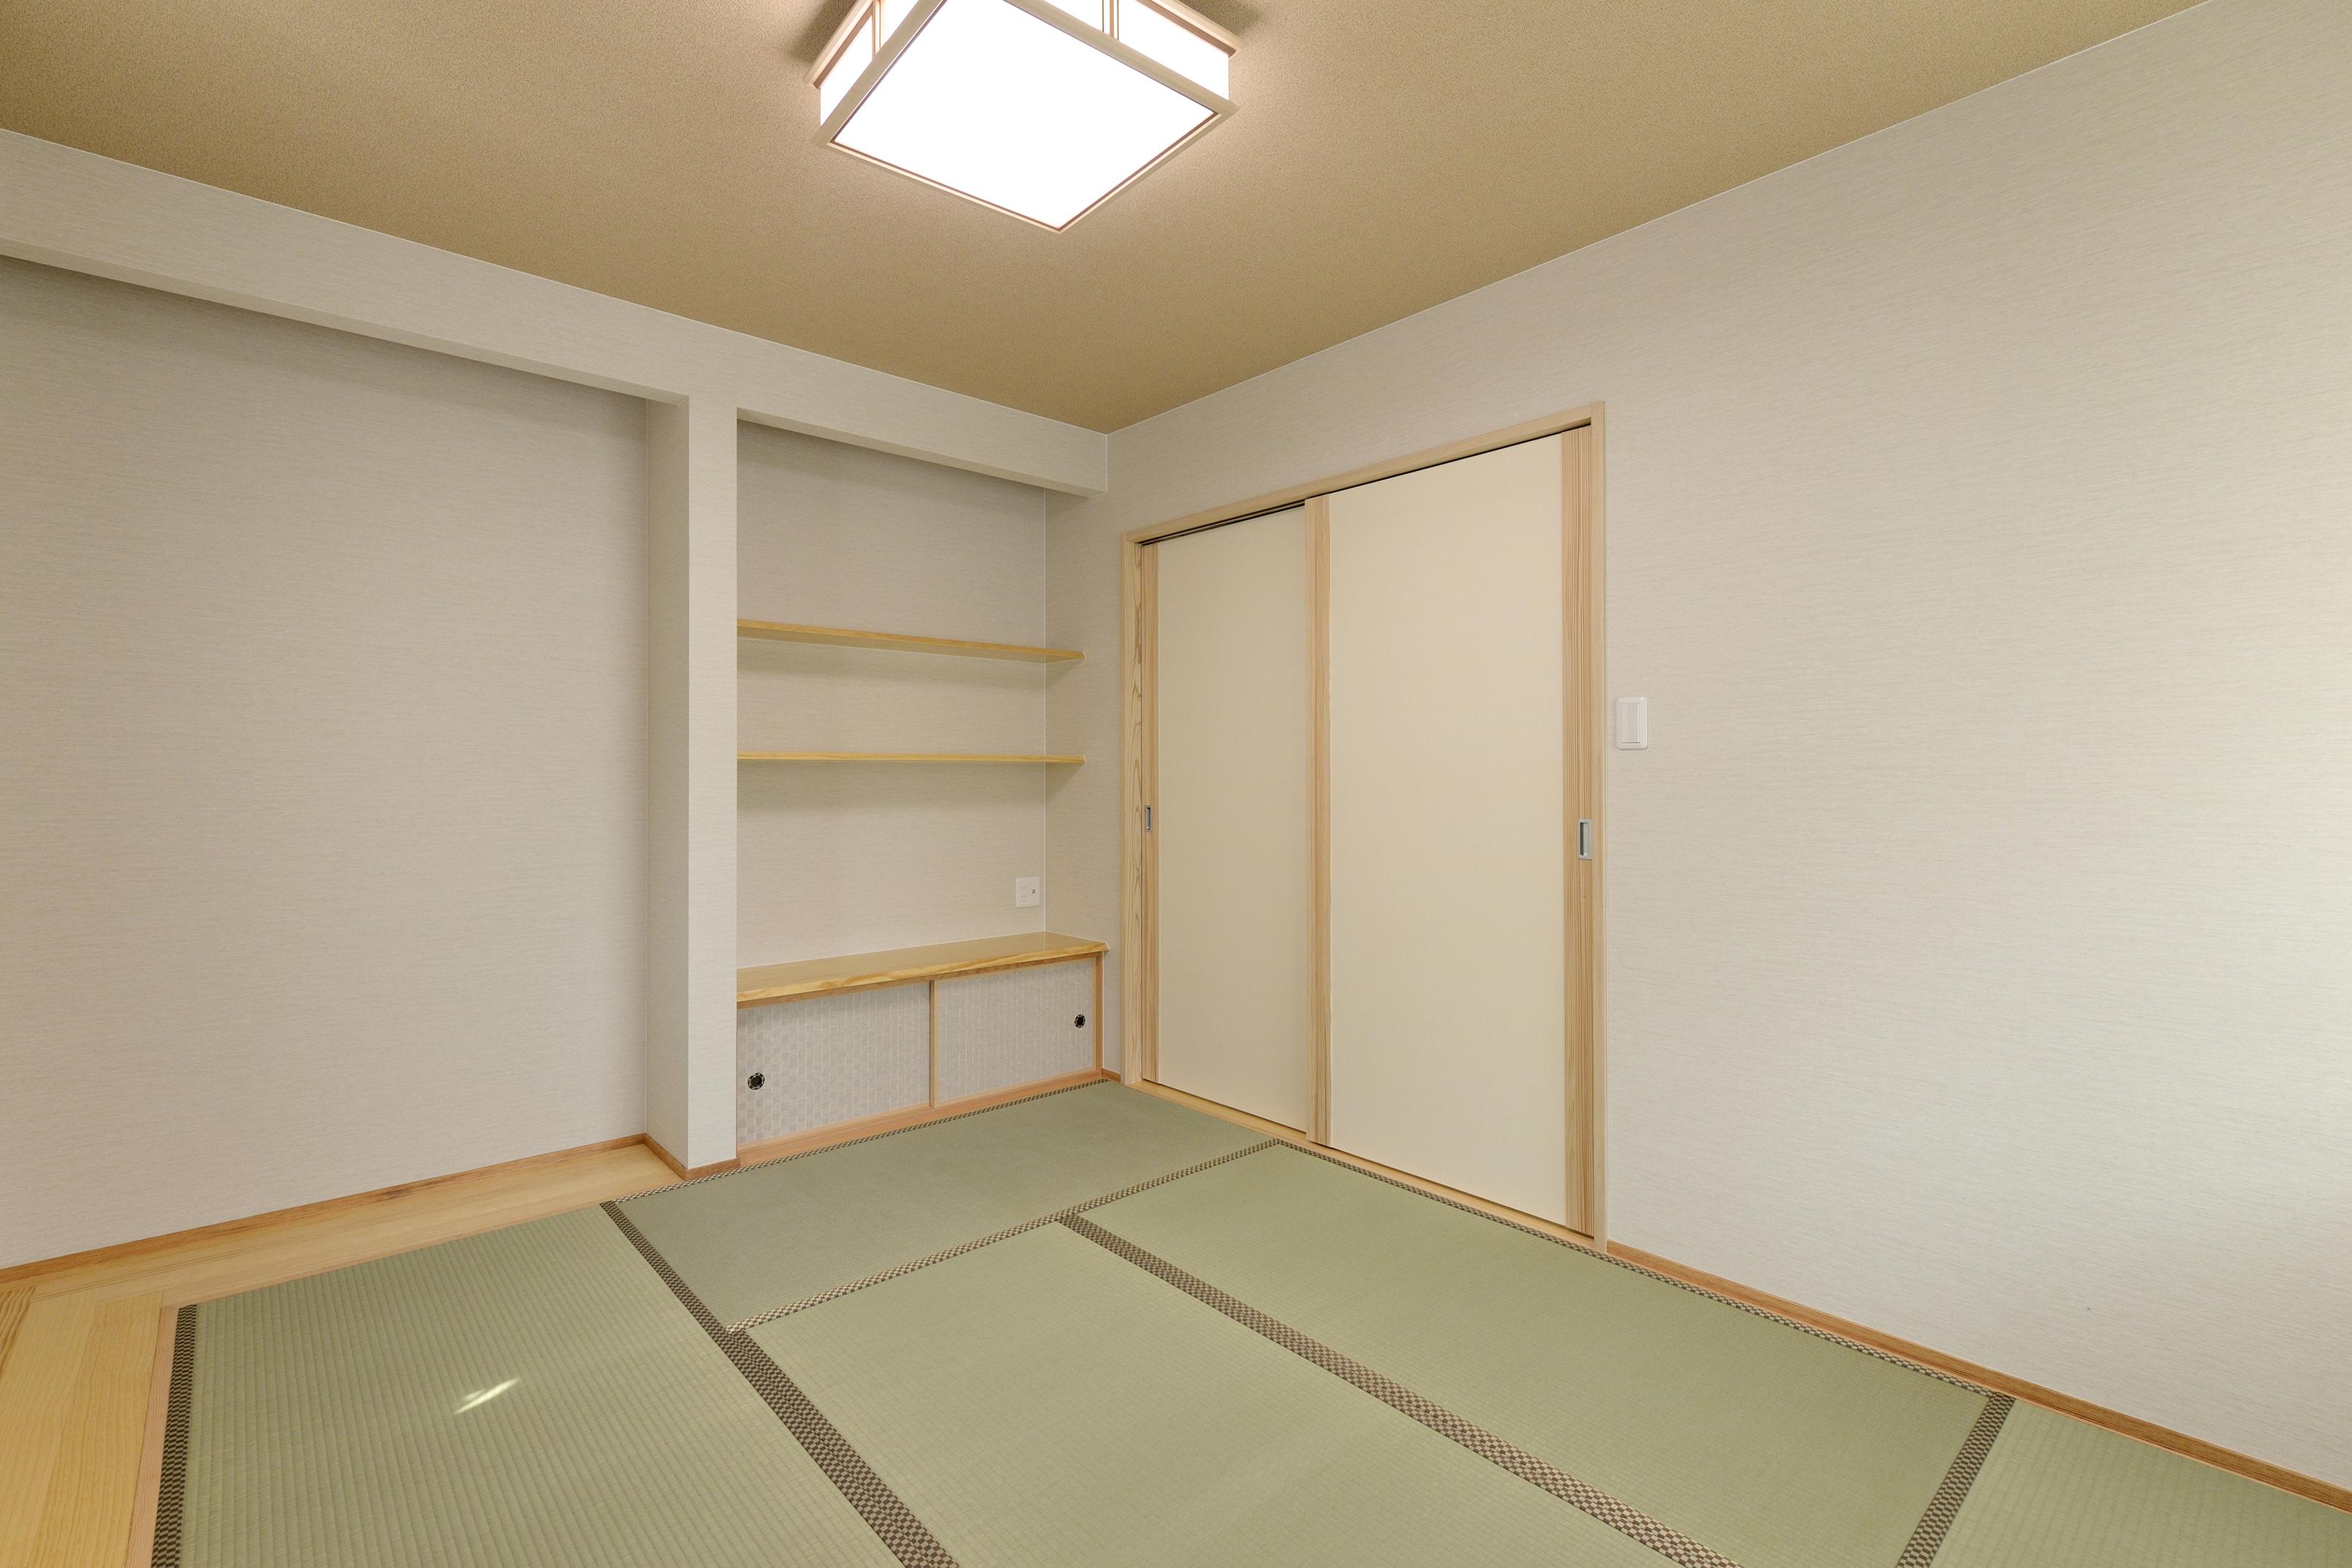 家具の配置も考え、周りに造作棚や板の間を。